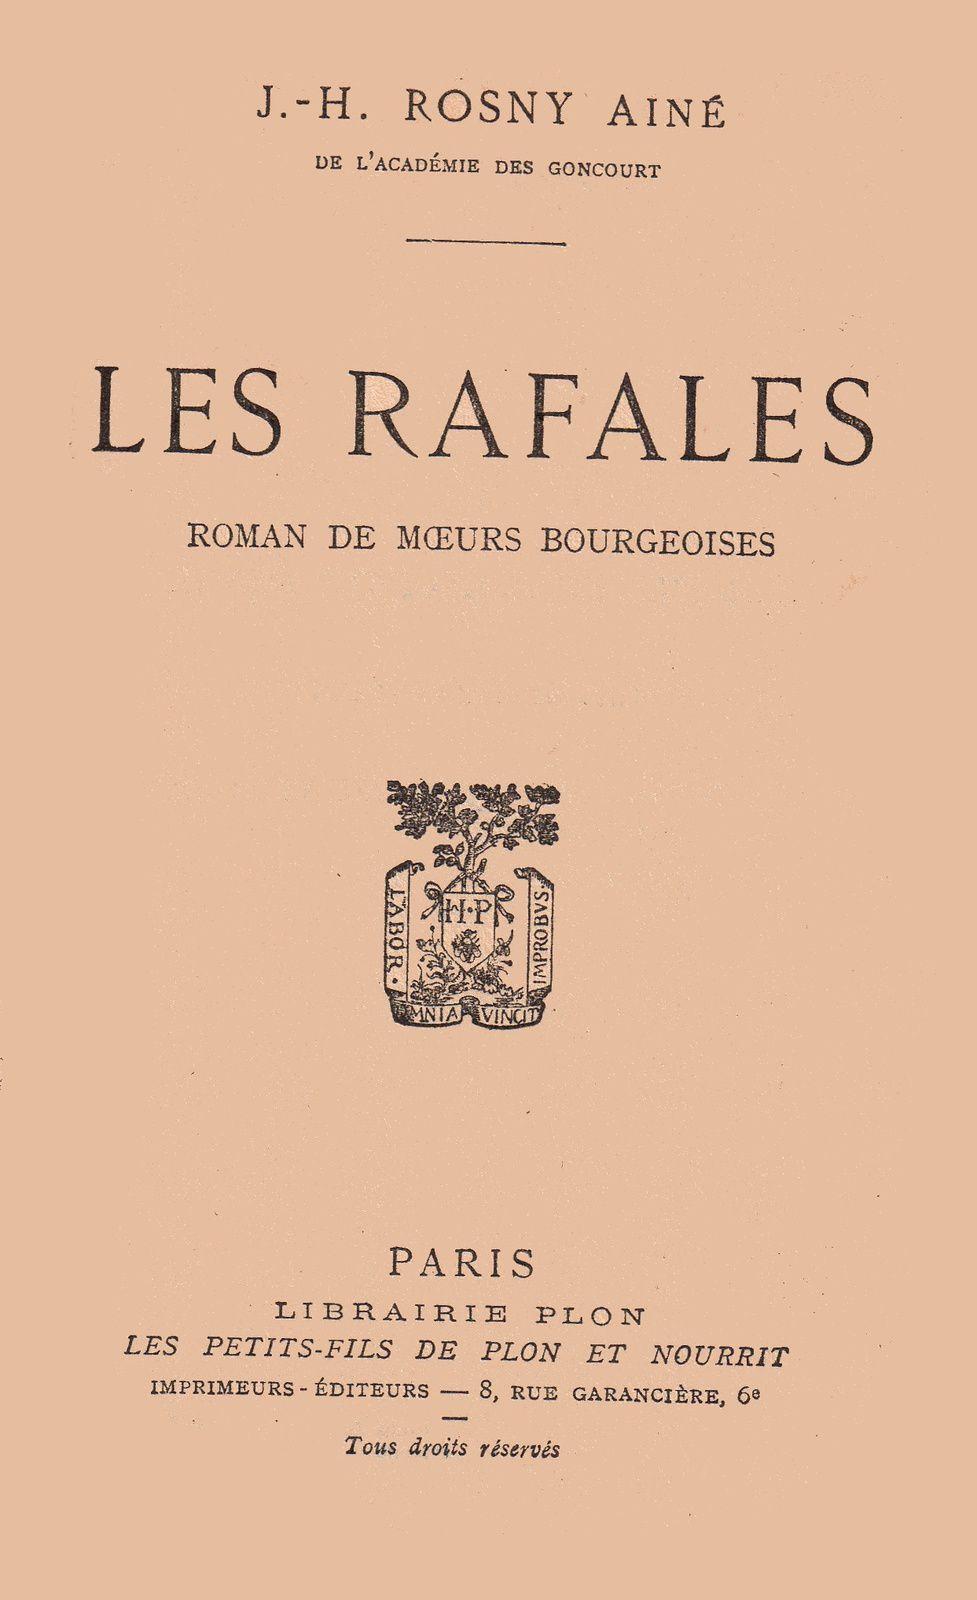 """J.-H. Rosny Jeune """"Le Docteur Harambur"""" (Editions Classiques et Contemporaines - s.d.)"""